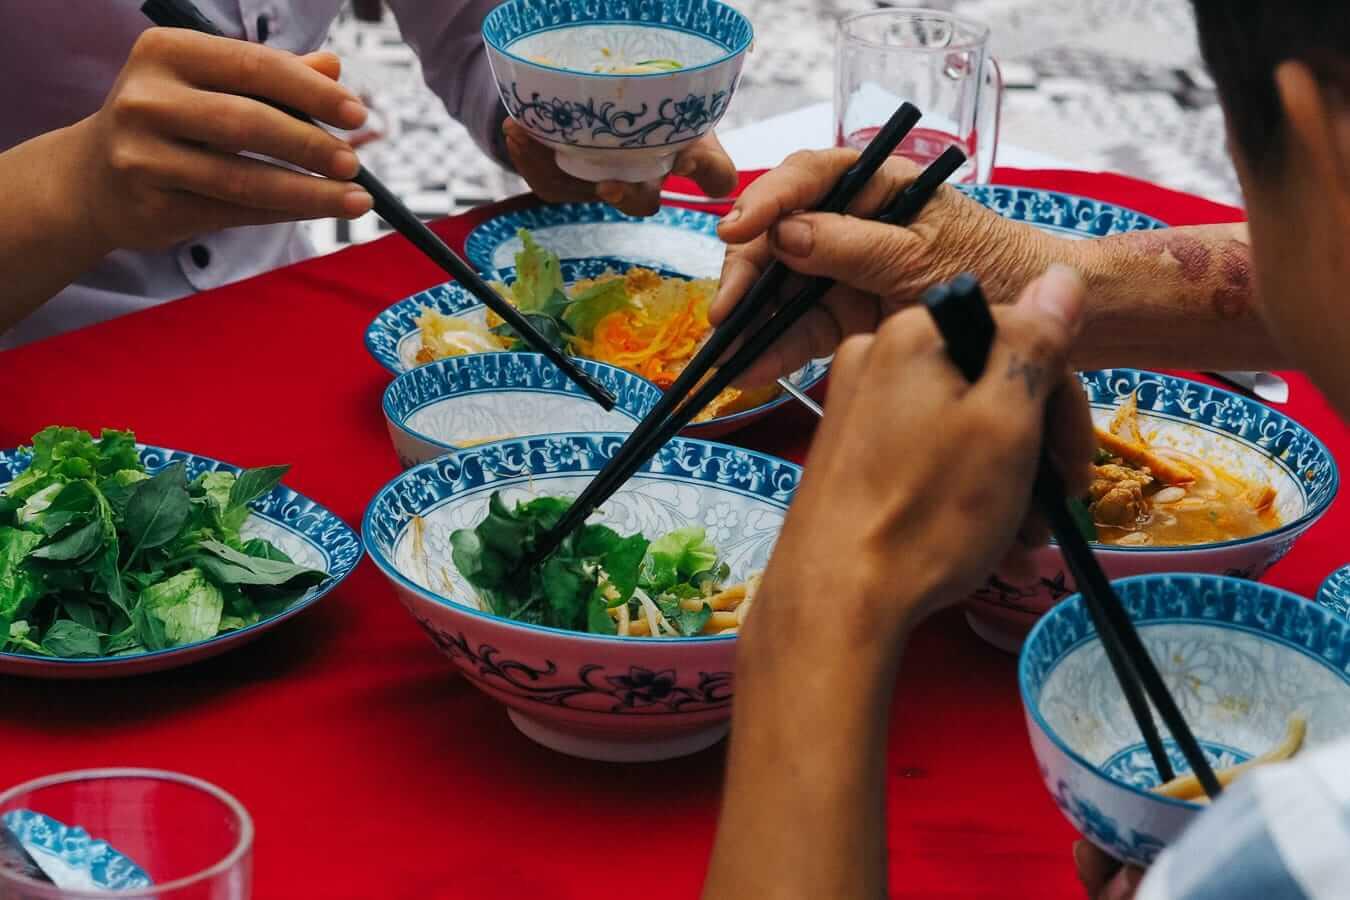 Chopsticks dip into bowls